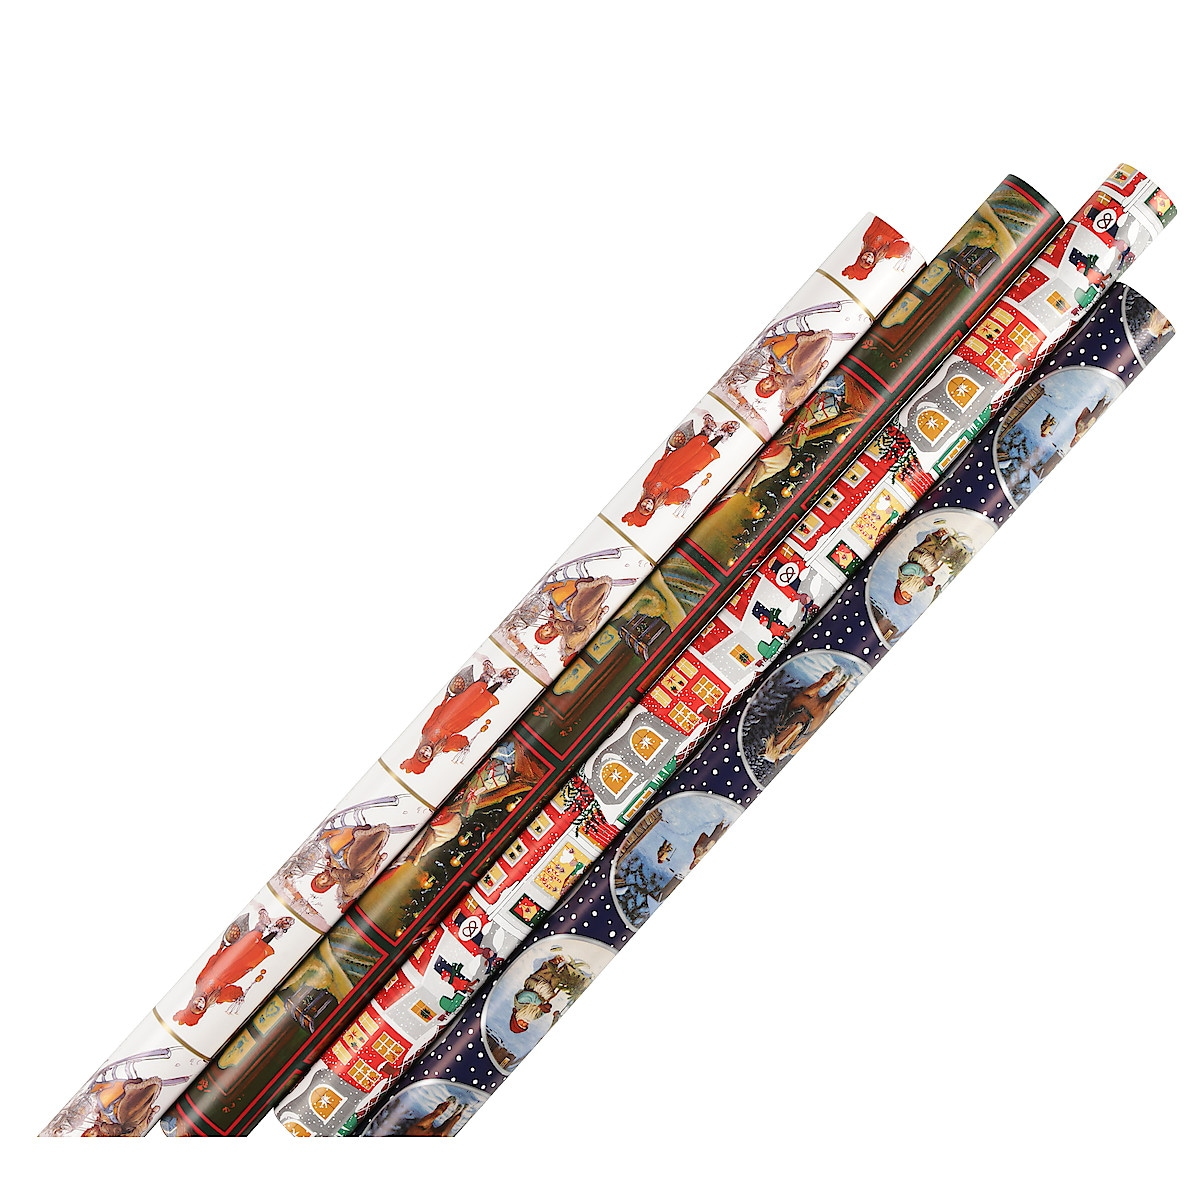 Joulupaperi, erittäin leveä, 4 m x 100 cm.